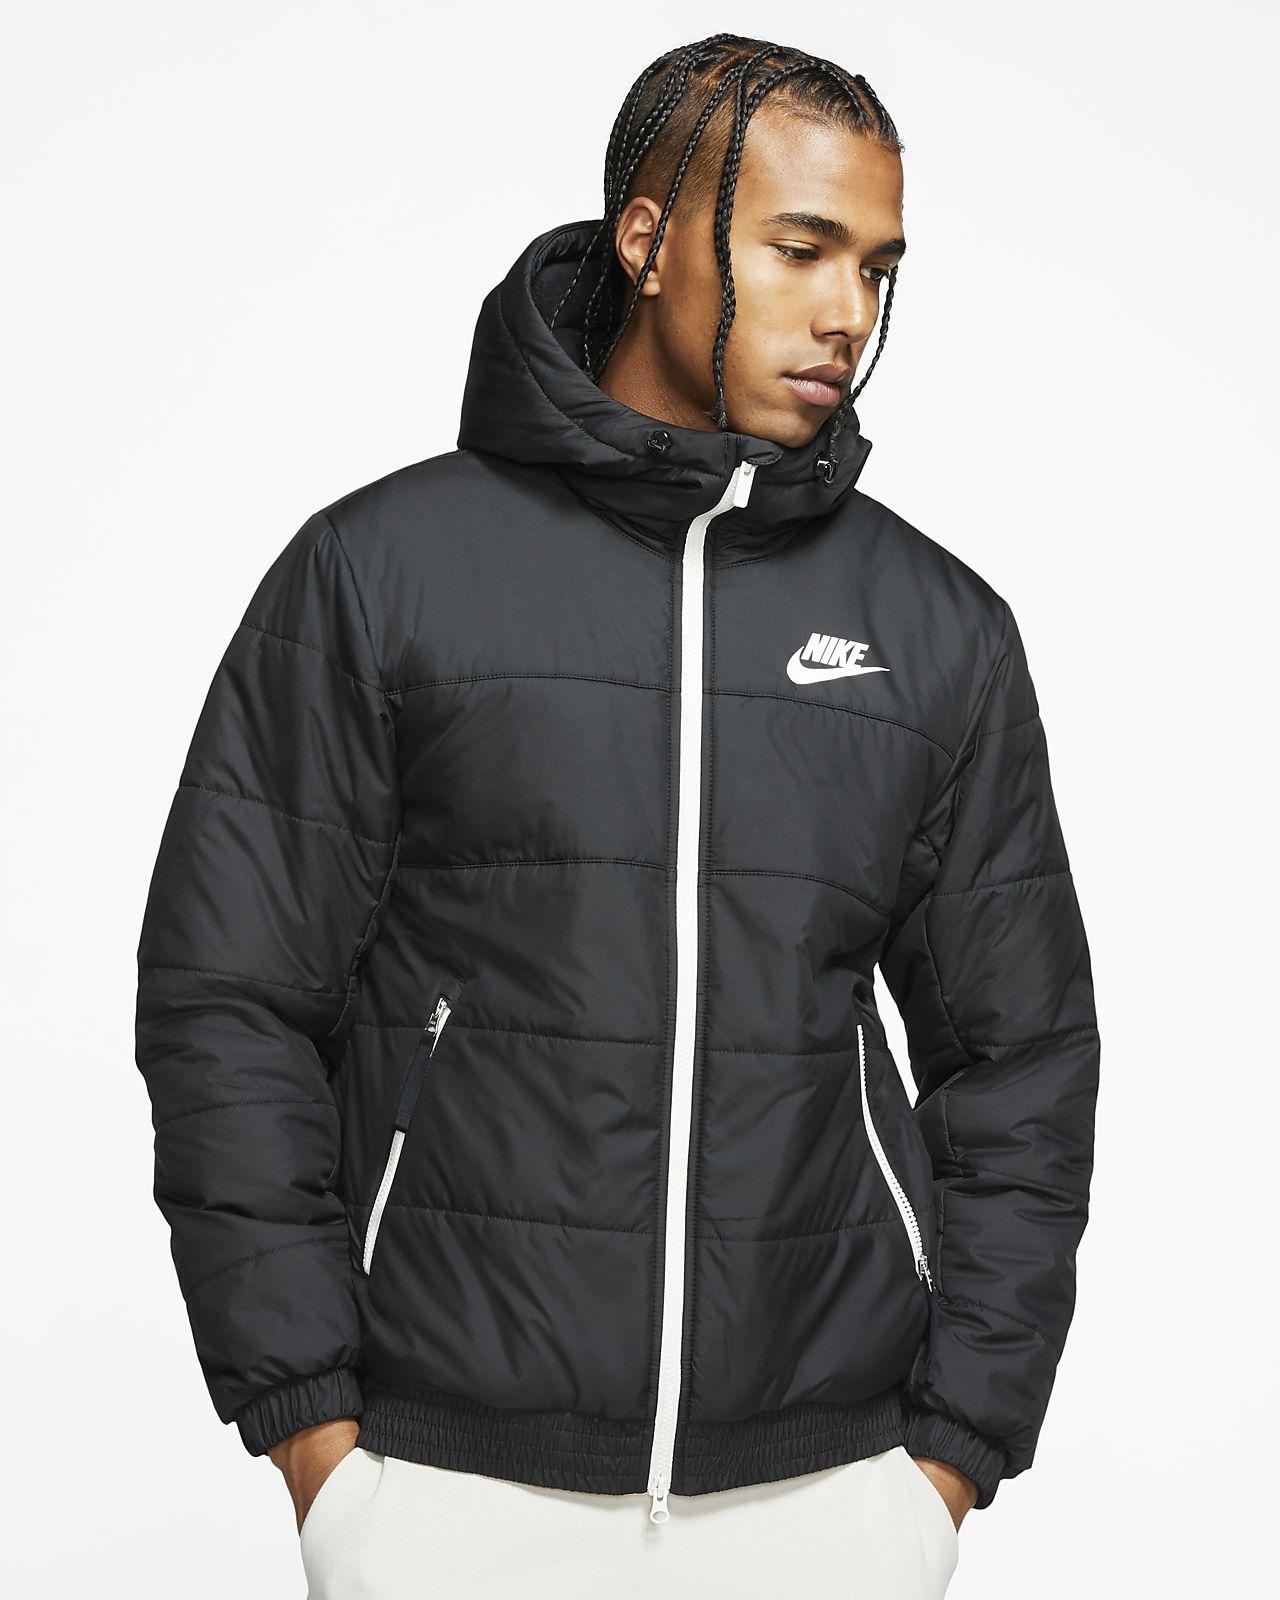 Nike Sportswear Men's Full-Zip Jacket